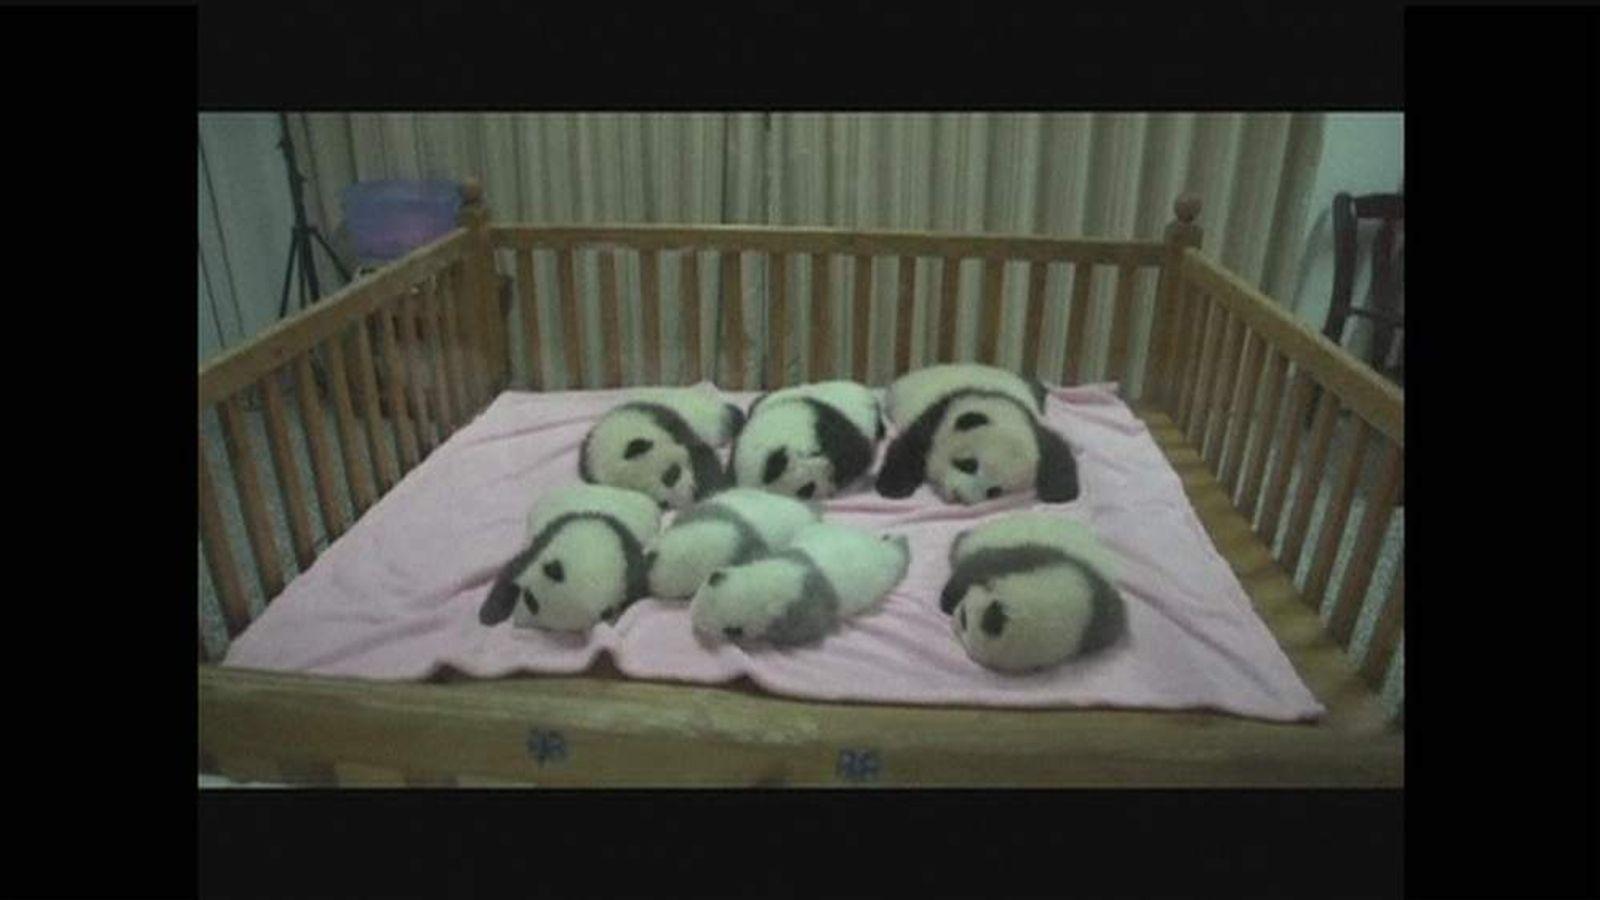 Panda Cubs born in China